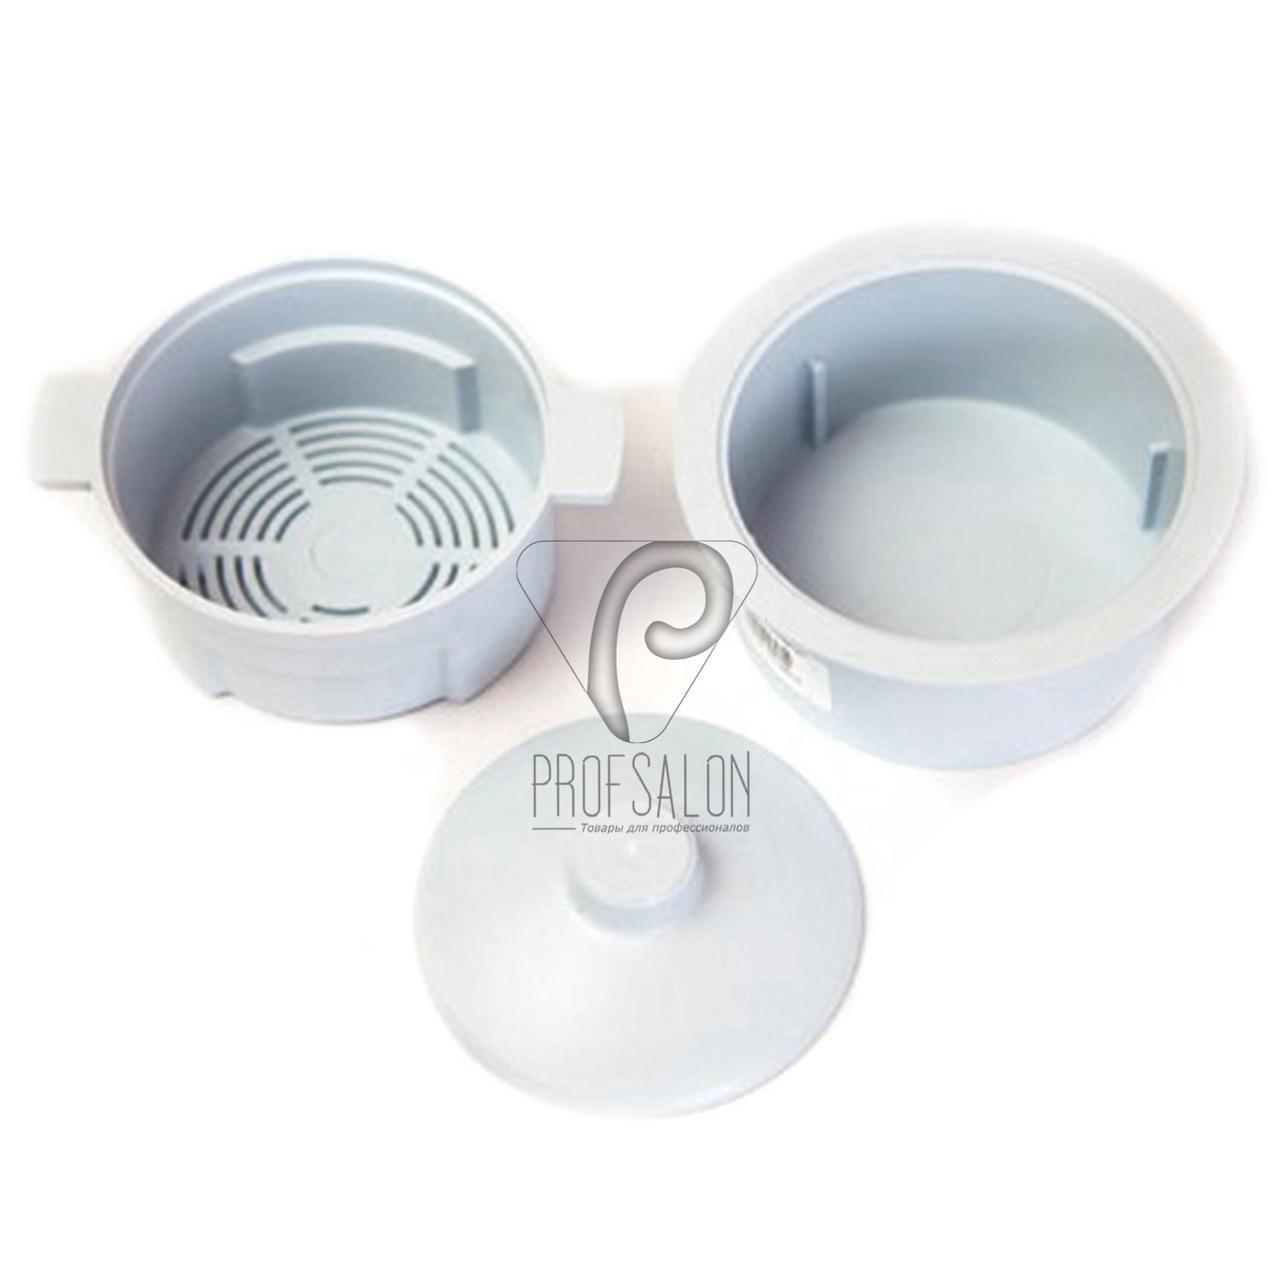 Лоток - Контейнер для дезинфекции, ёмкость 0,12 л, повышенного качества, белый